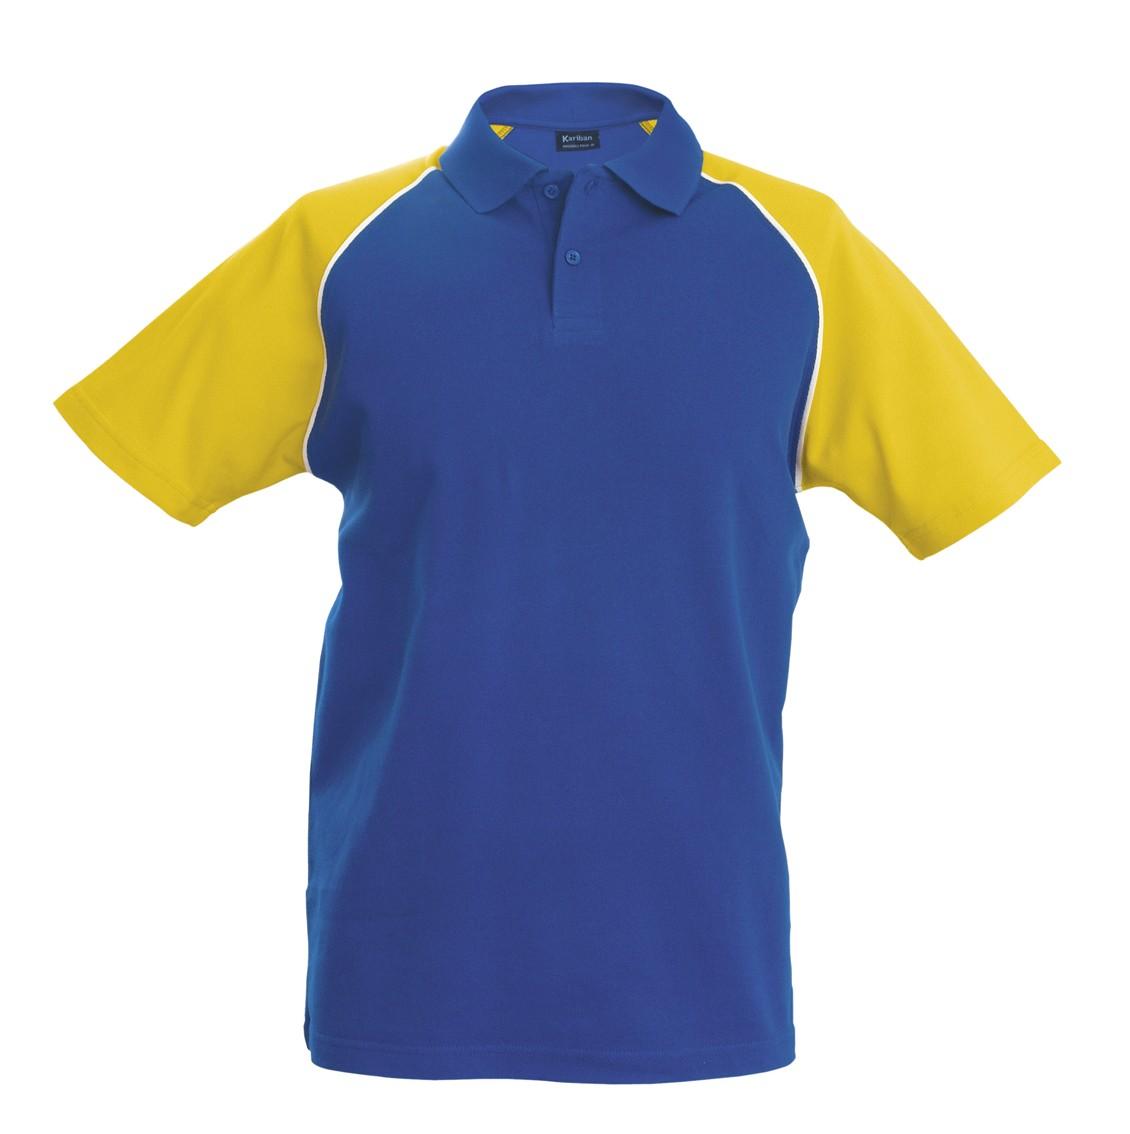 K226 Royal Blue - Yellow